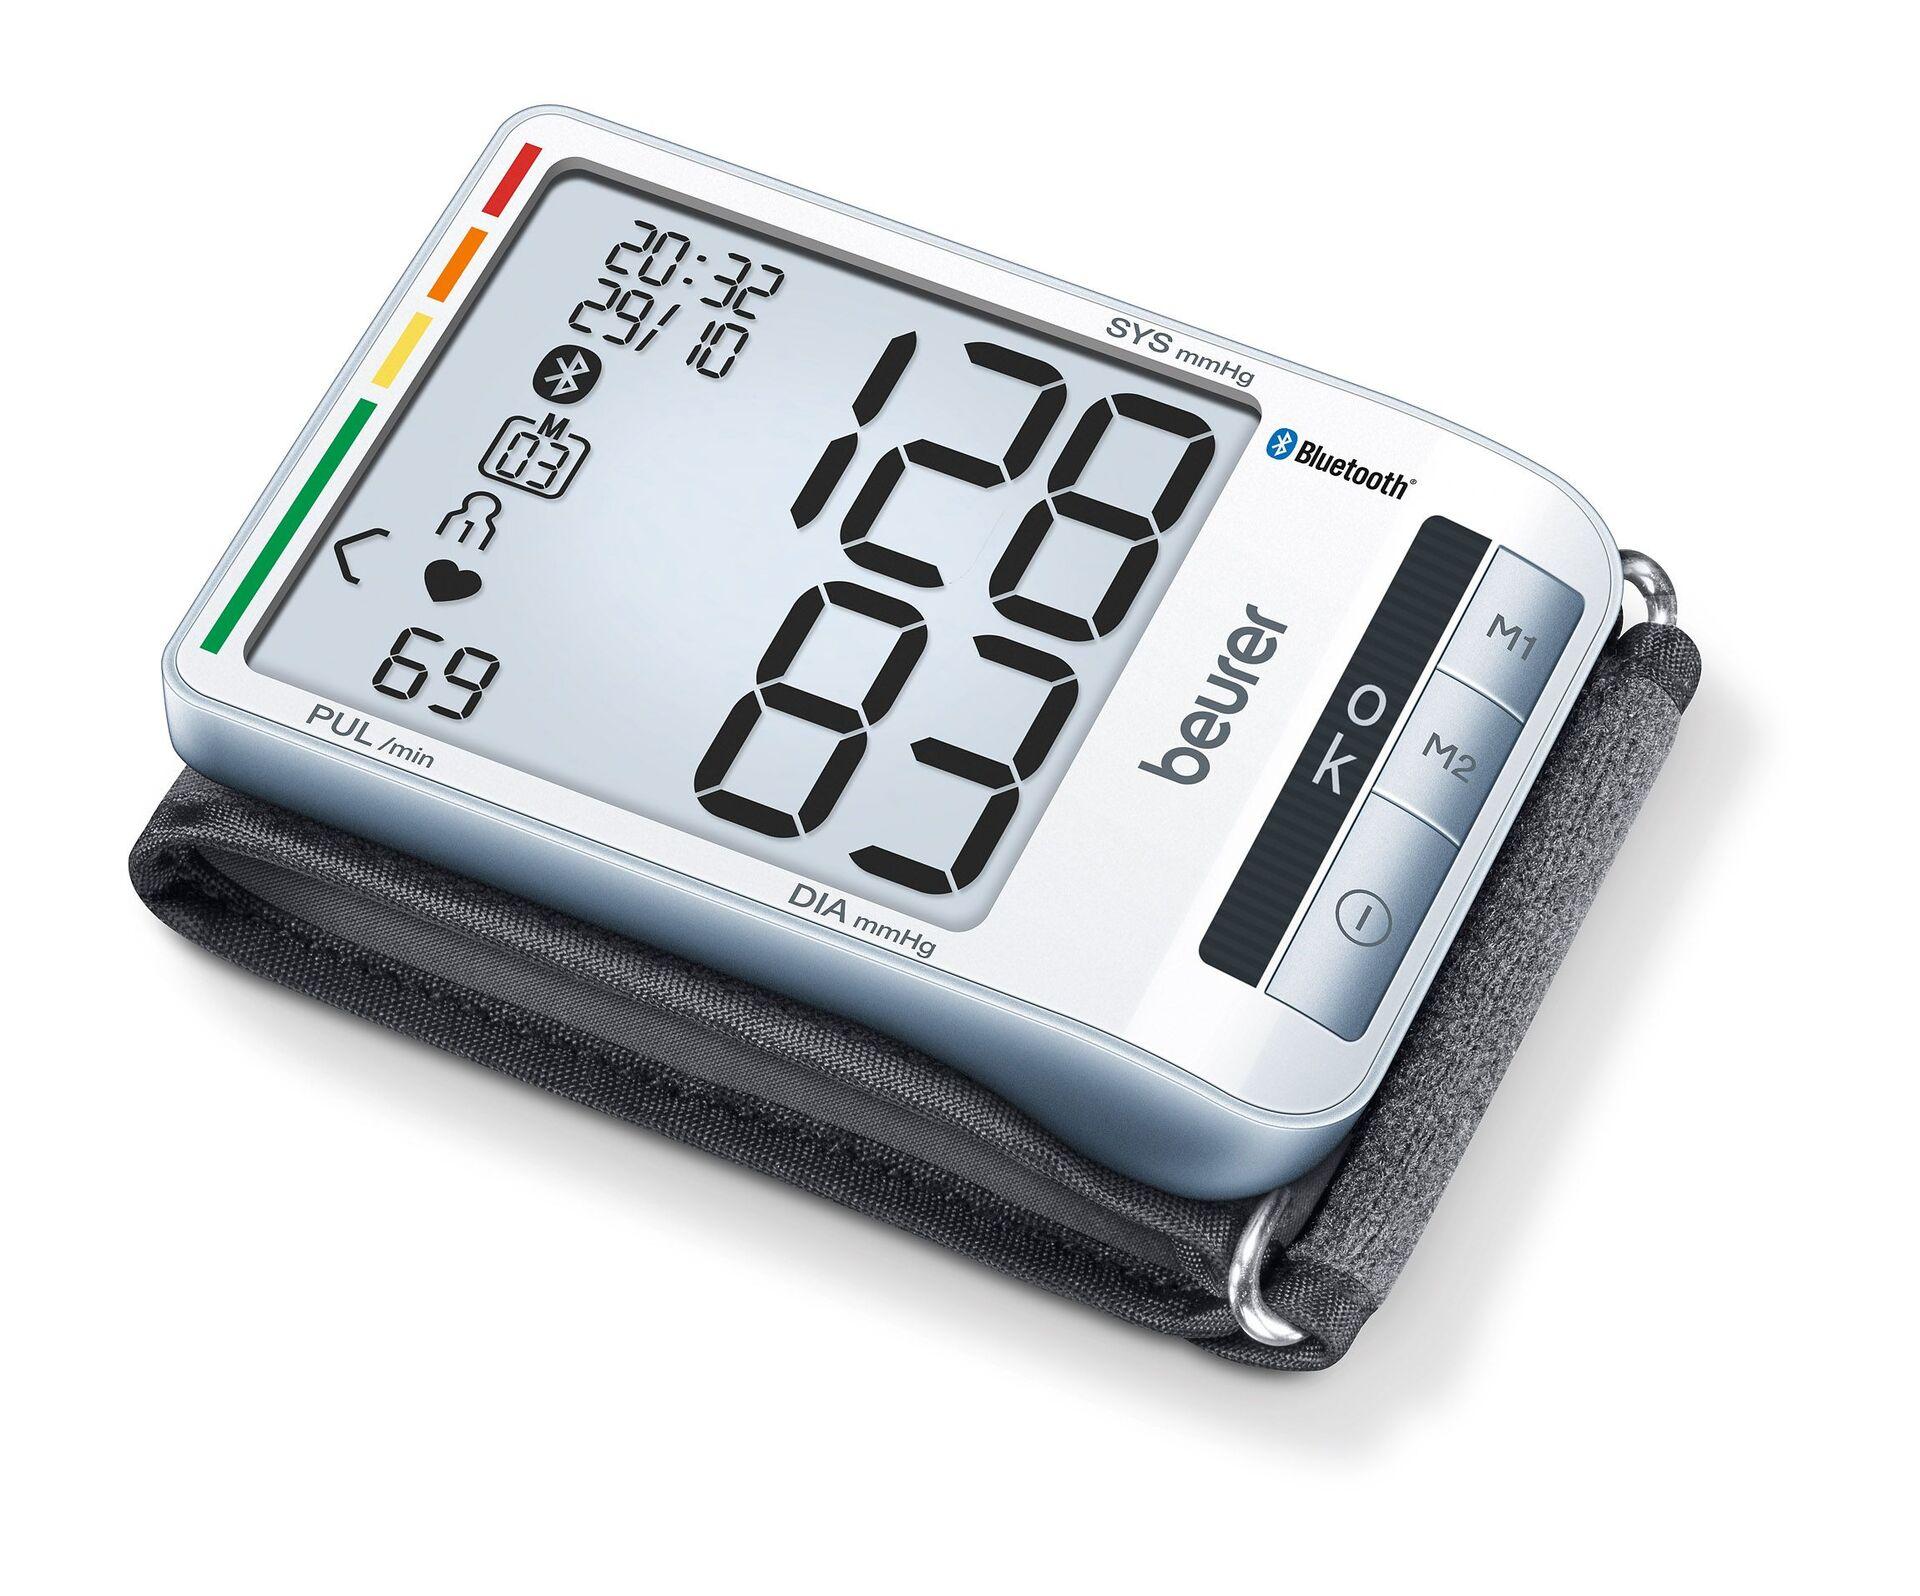 Апарат за измерване на кръвно налягане Beurer (BC 85) - ofisitebg.com